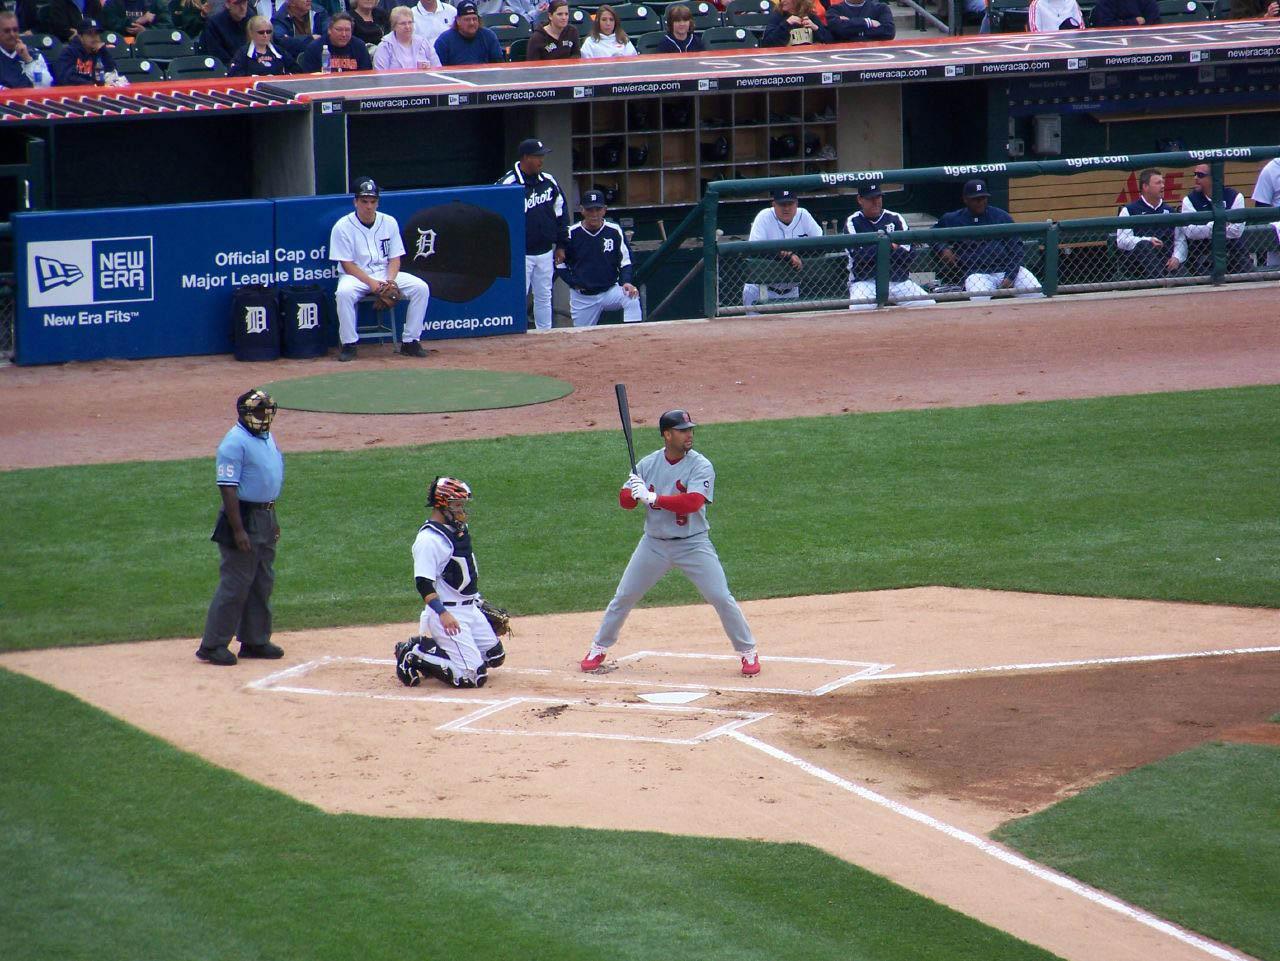 albert pujols9 St. Louis Cardinals Baseball Hero   Albert Pujols